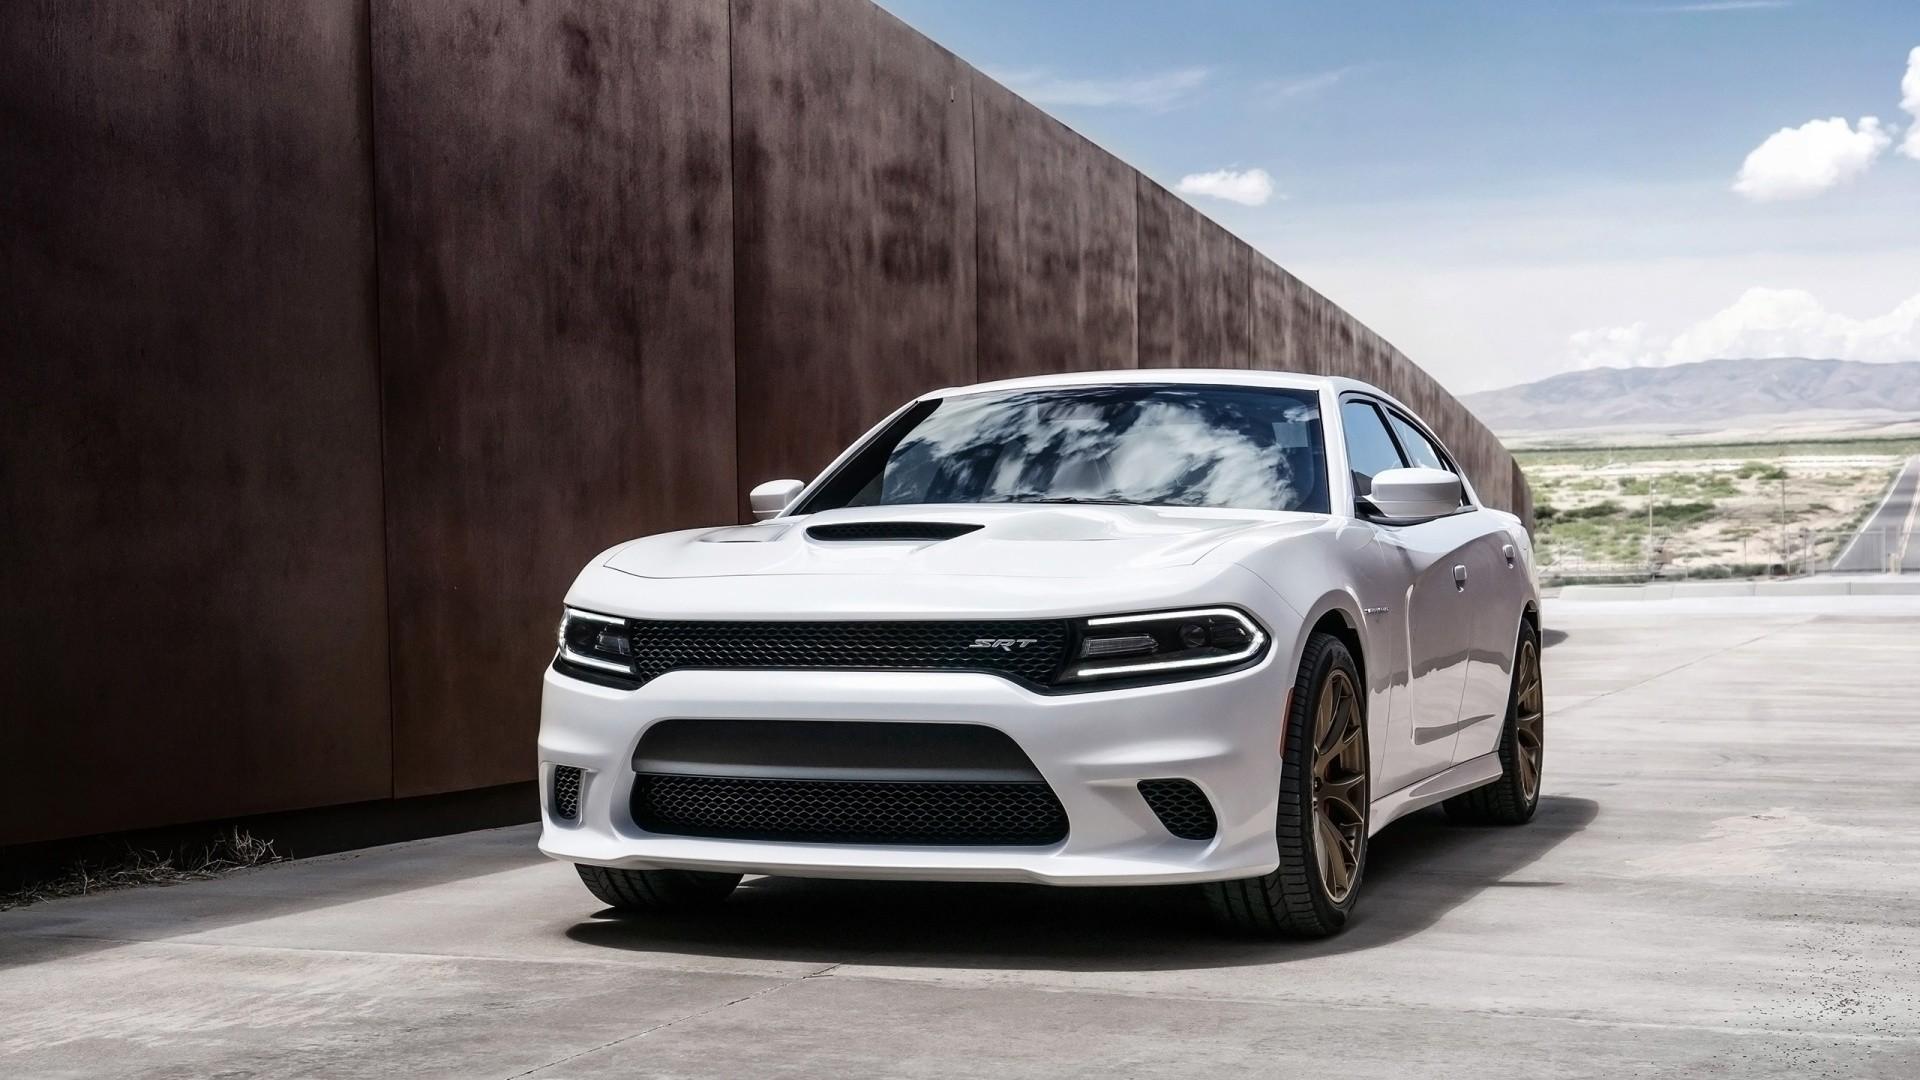 … x 1080 2560 x 1440 Original. Wallpaper: 2015 Dodge Charger SRT Hellcat 3